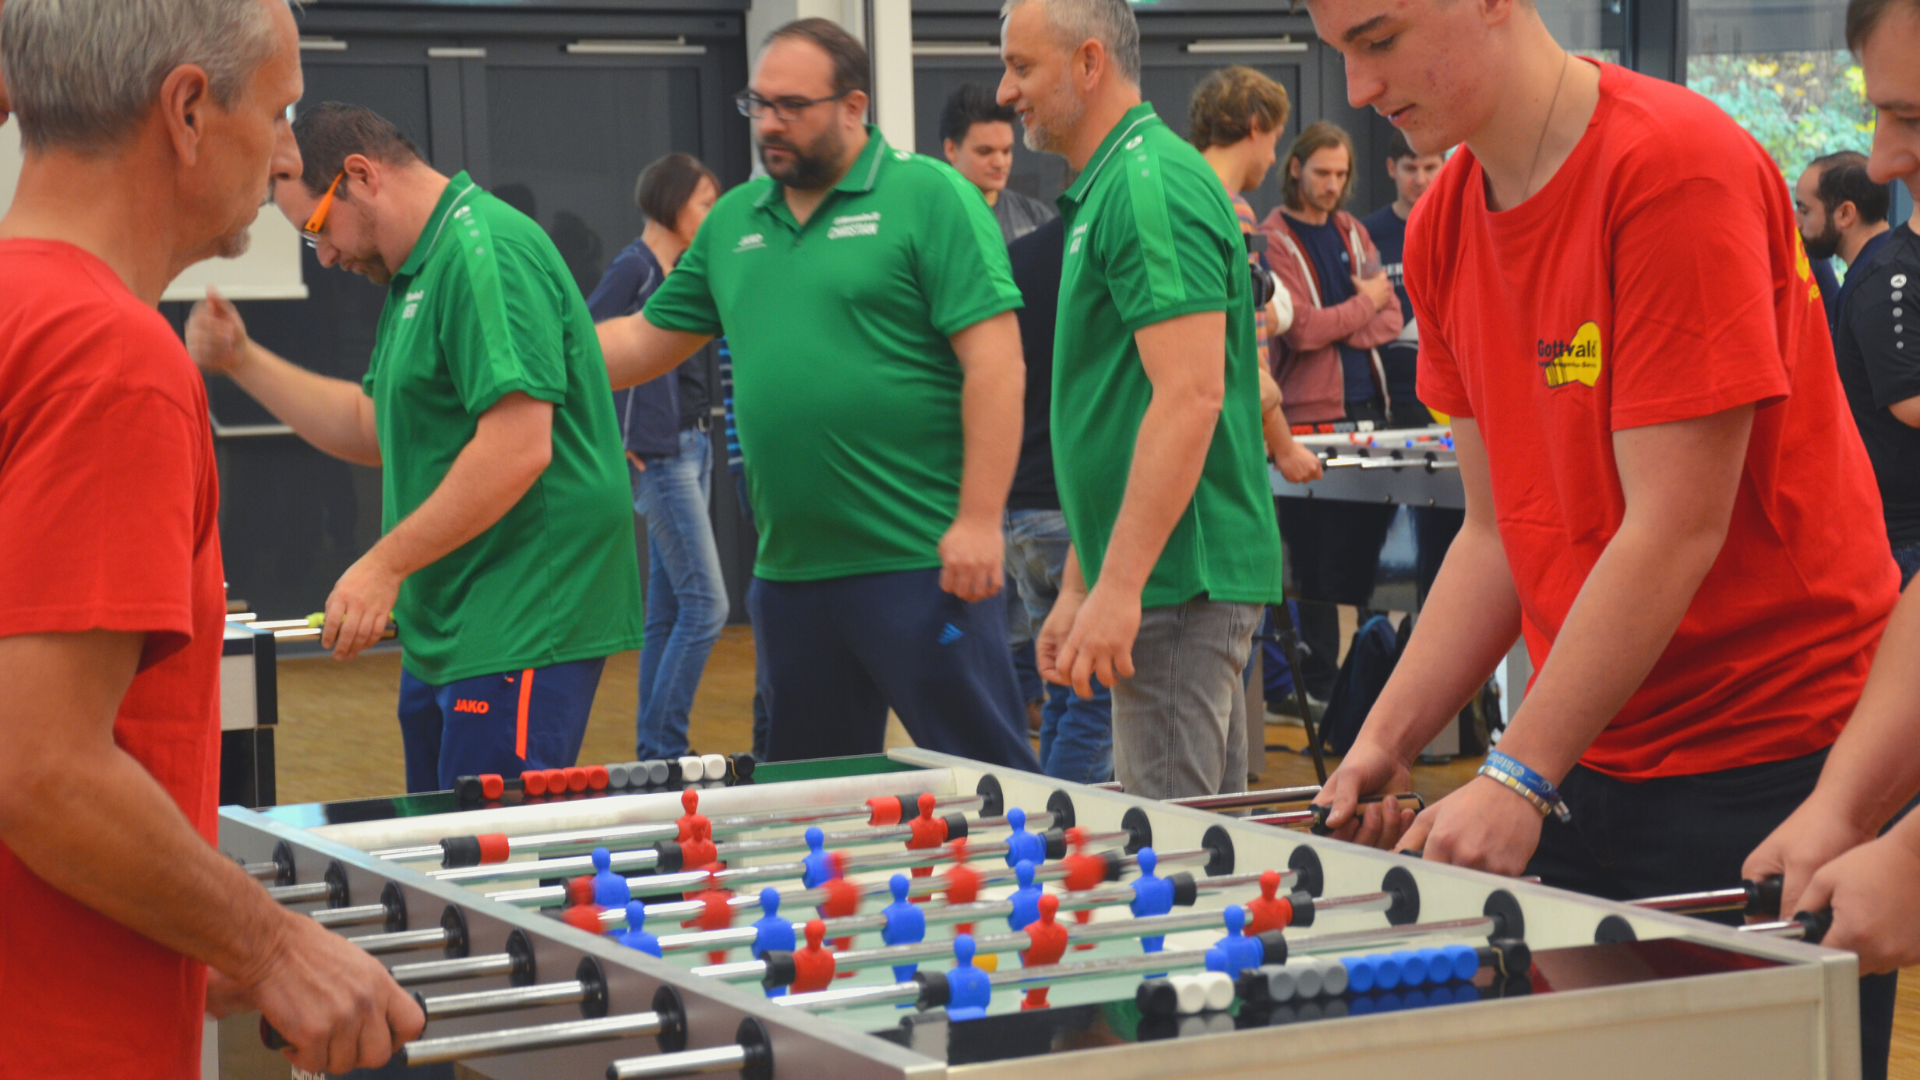 Firmenteams, die gegeneinander Tischfussball spielen, Turnier, 2019